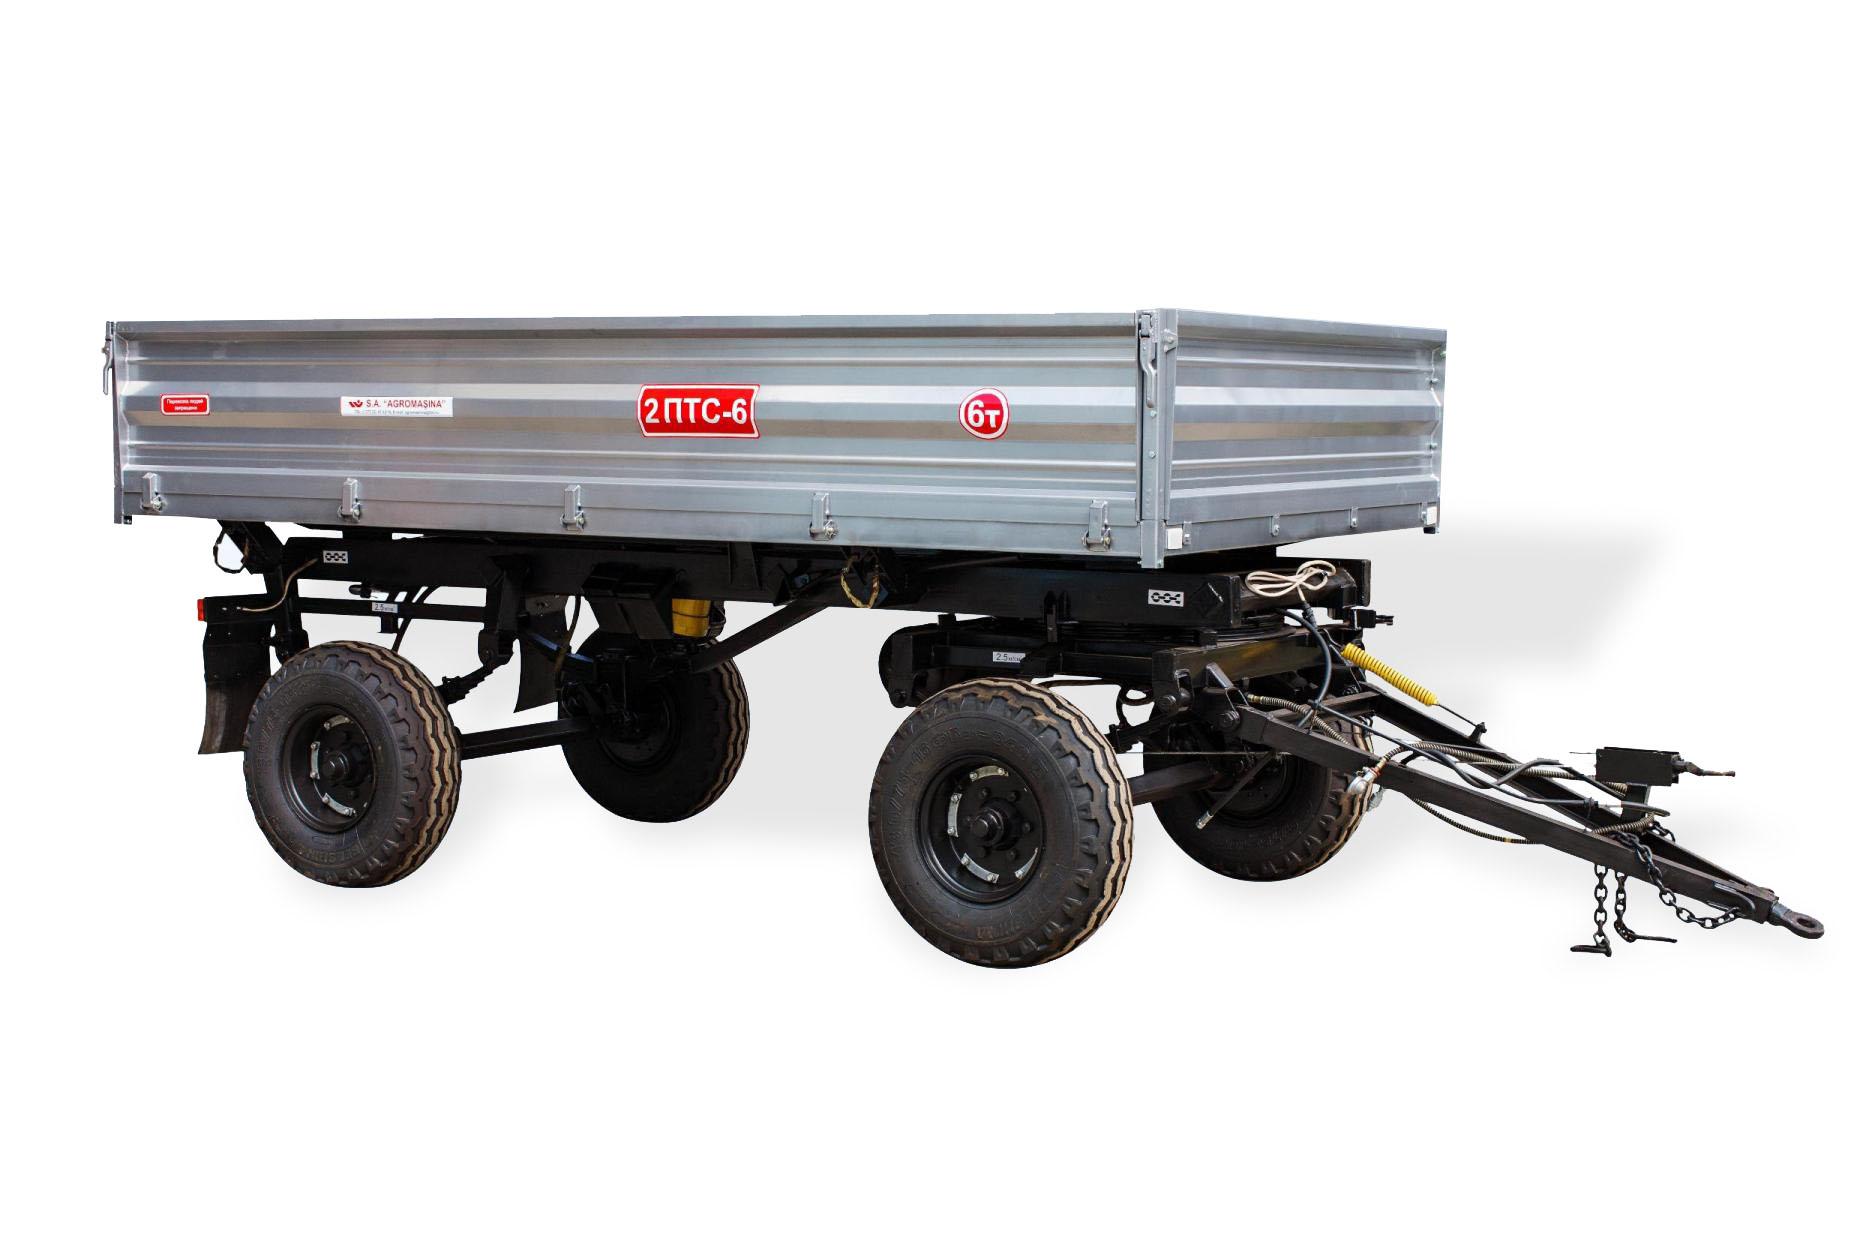 Remorca agricolă pentru tractor 2PTS-6 - Image 1